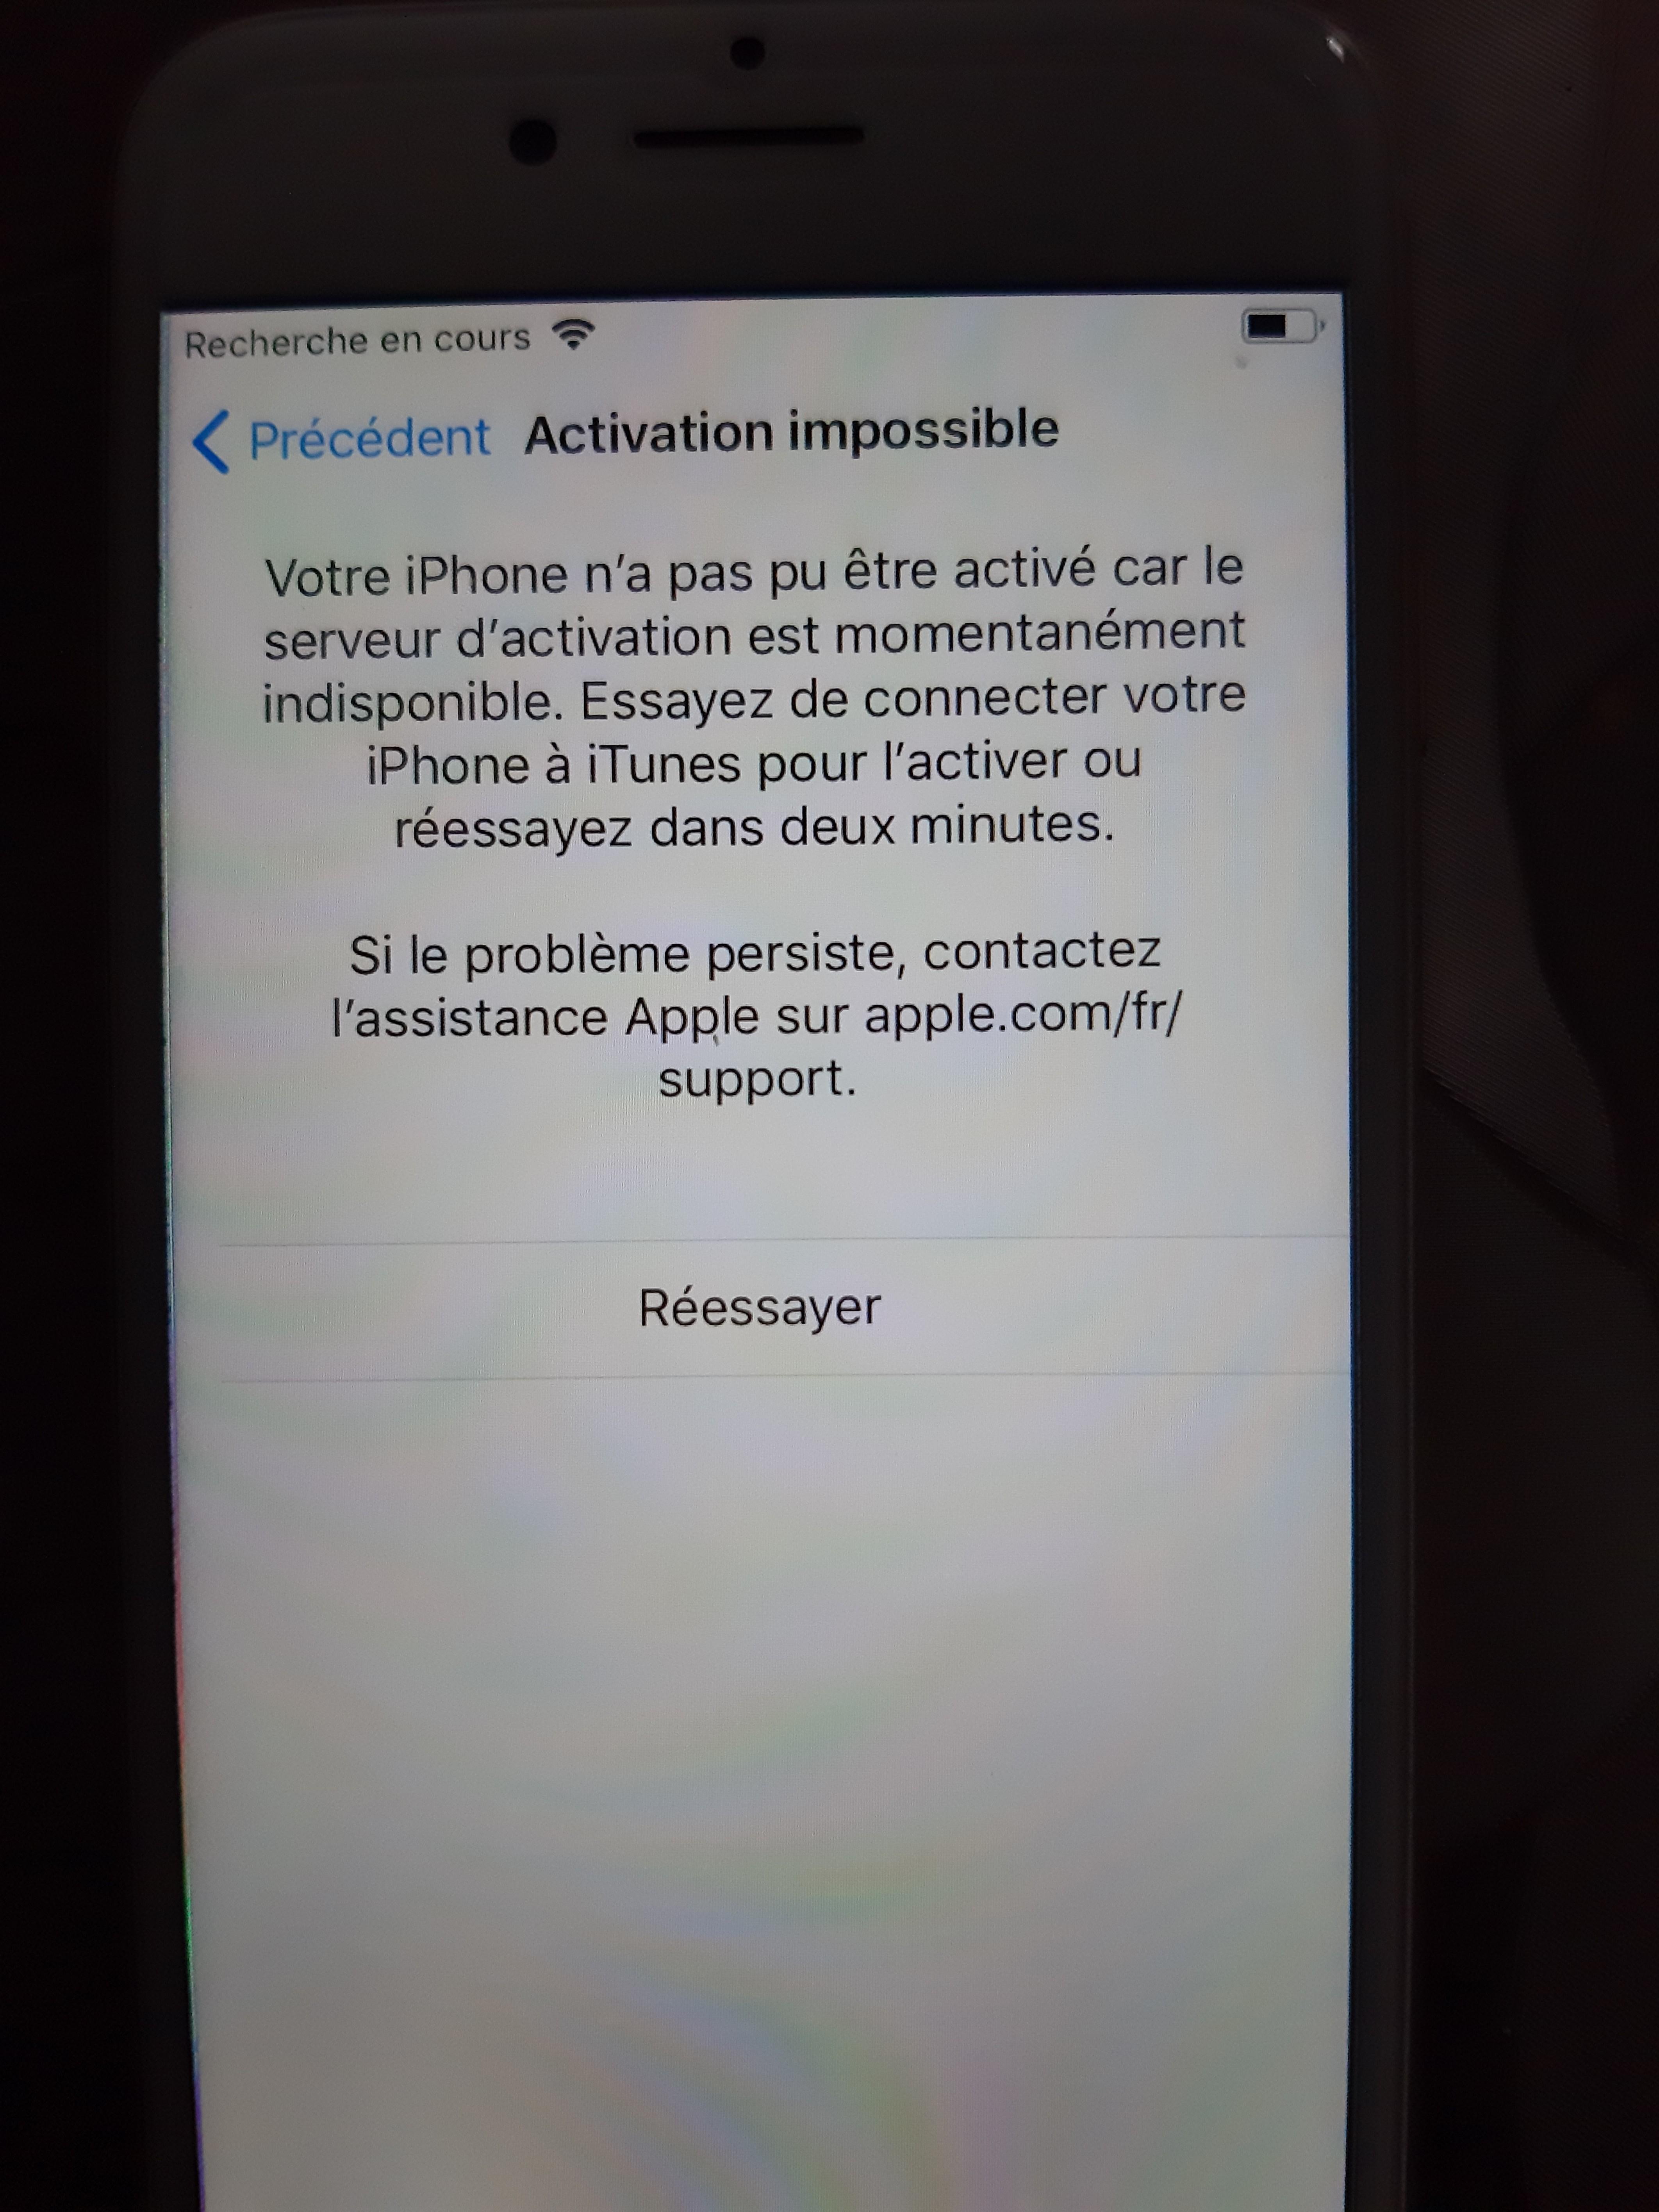 mon iphone ne reconnait pas ma carte sim iPhone ne détecte plus carte SIM   Communauté Apple